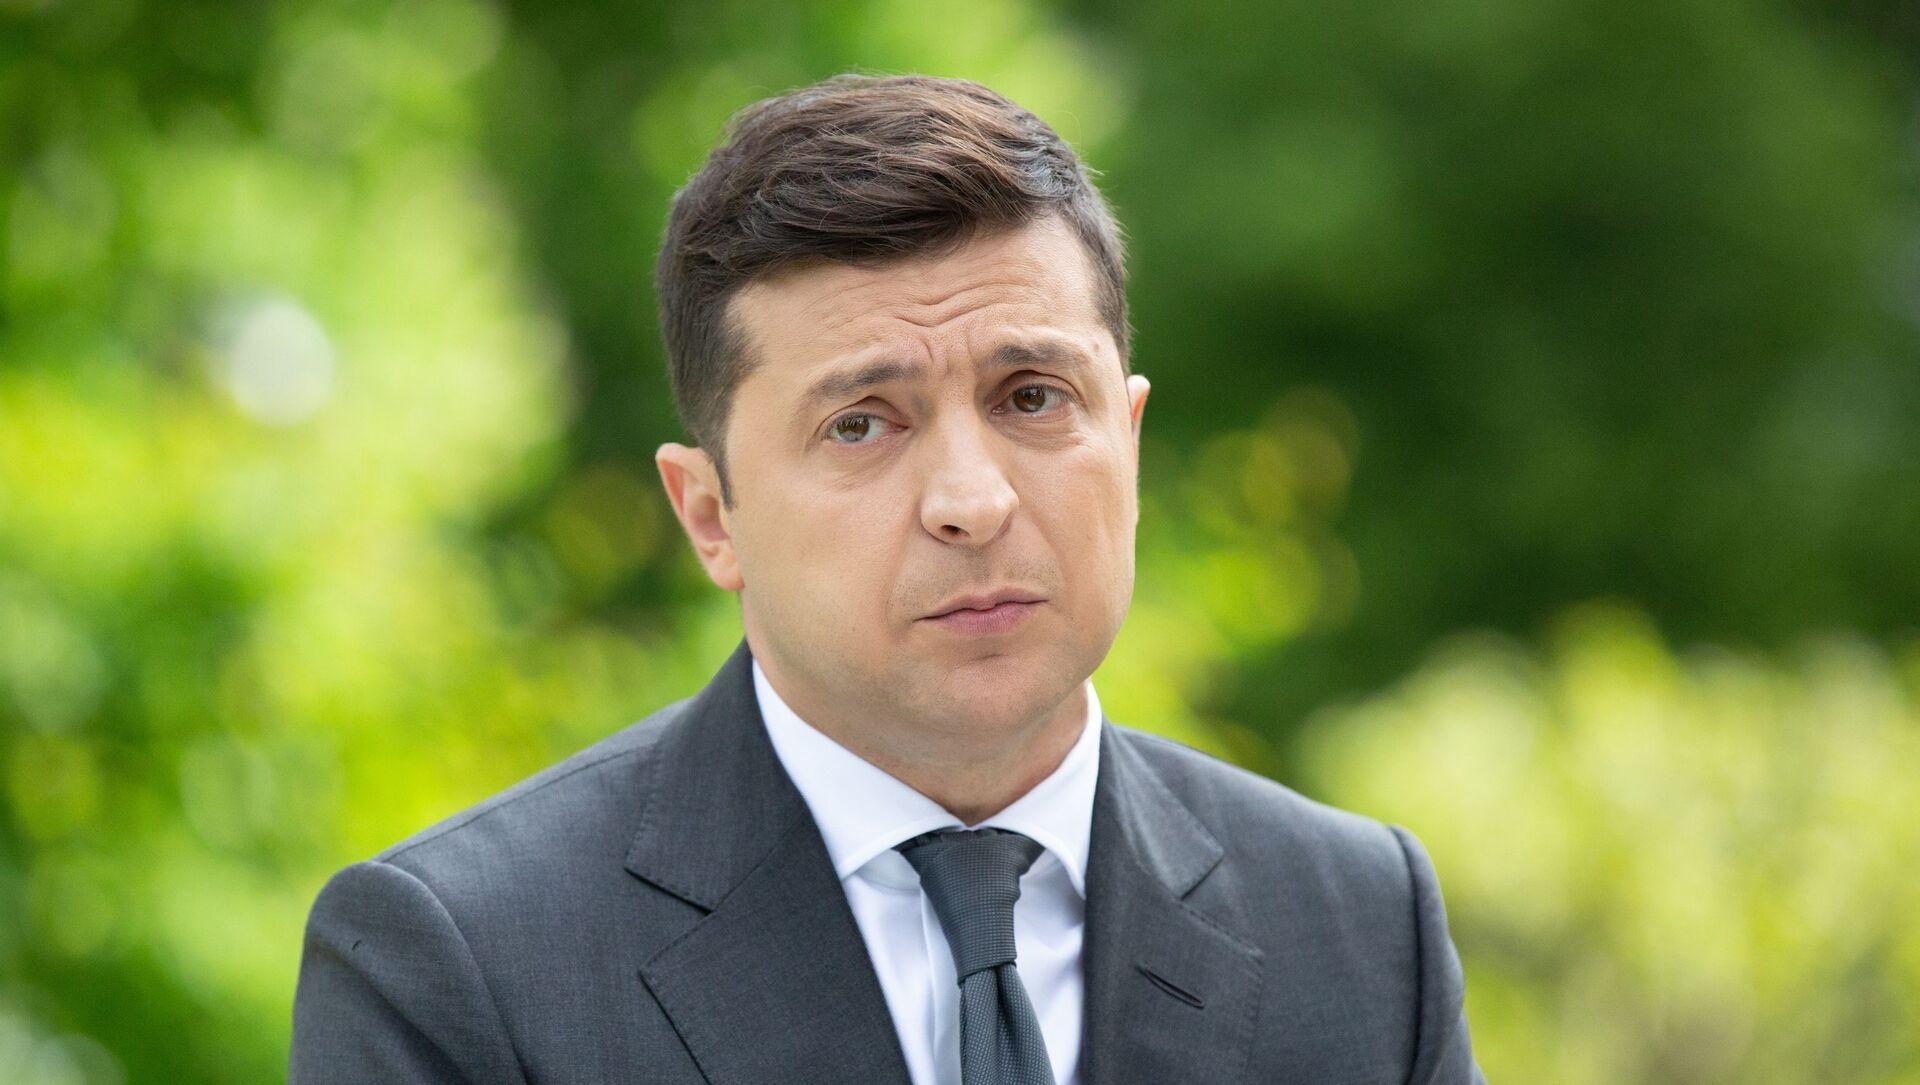 Prezydent Ukrainy Wołodymyr Zełenski na konferencji prasowej poświęconej pierwszej rocznicy swojej kadencji - Sputnik Polska, 1920, 19.02.2021